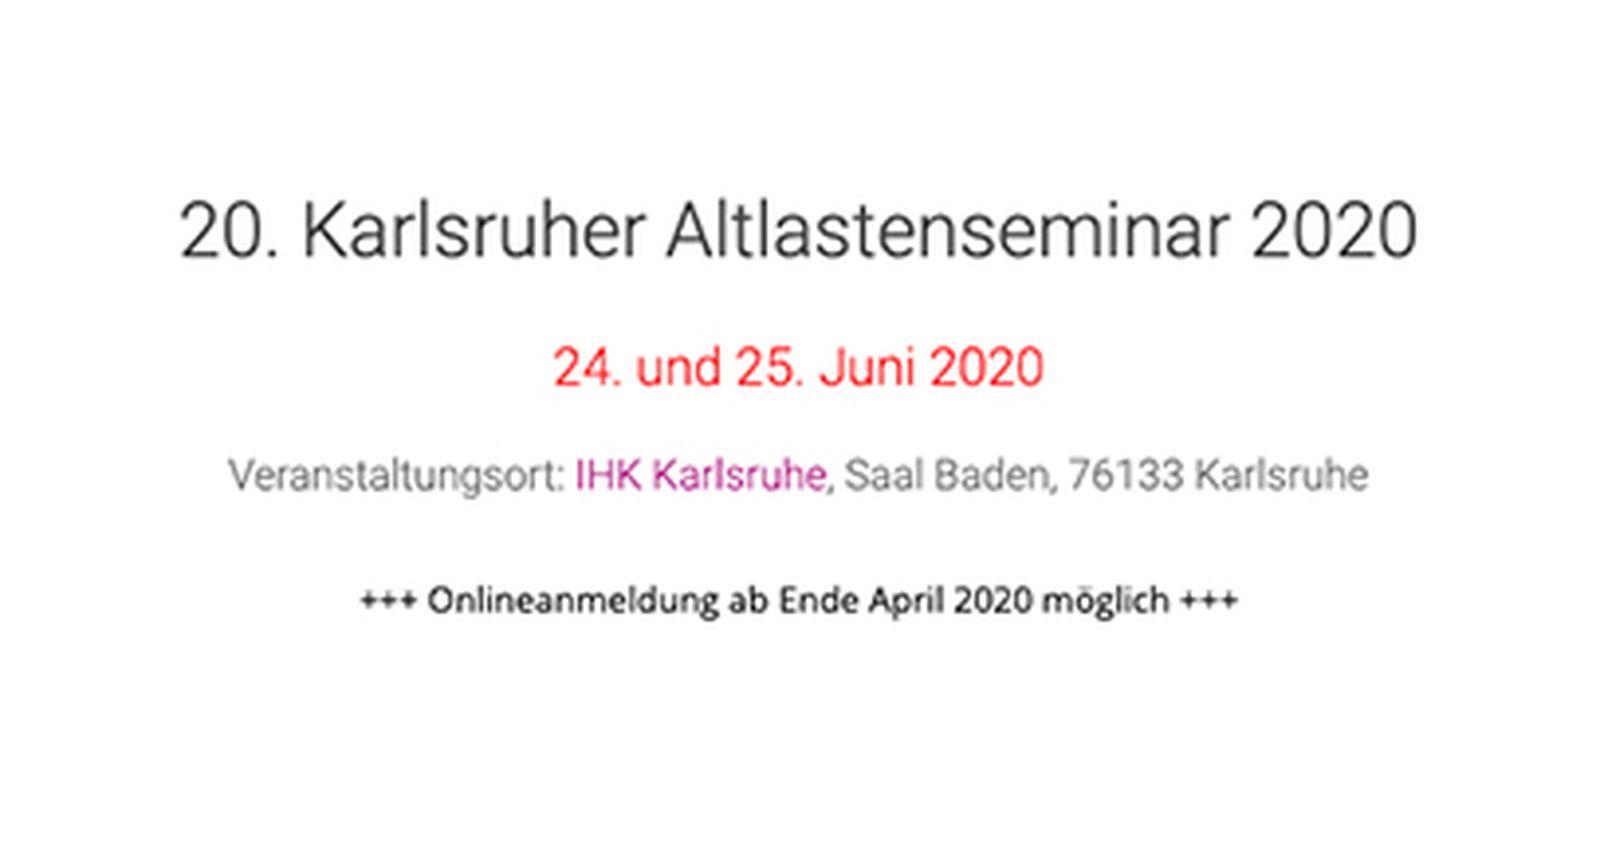 20. Karlsruher Altlastenseminar